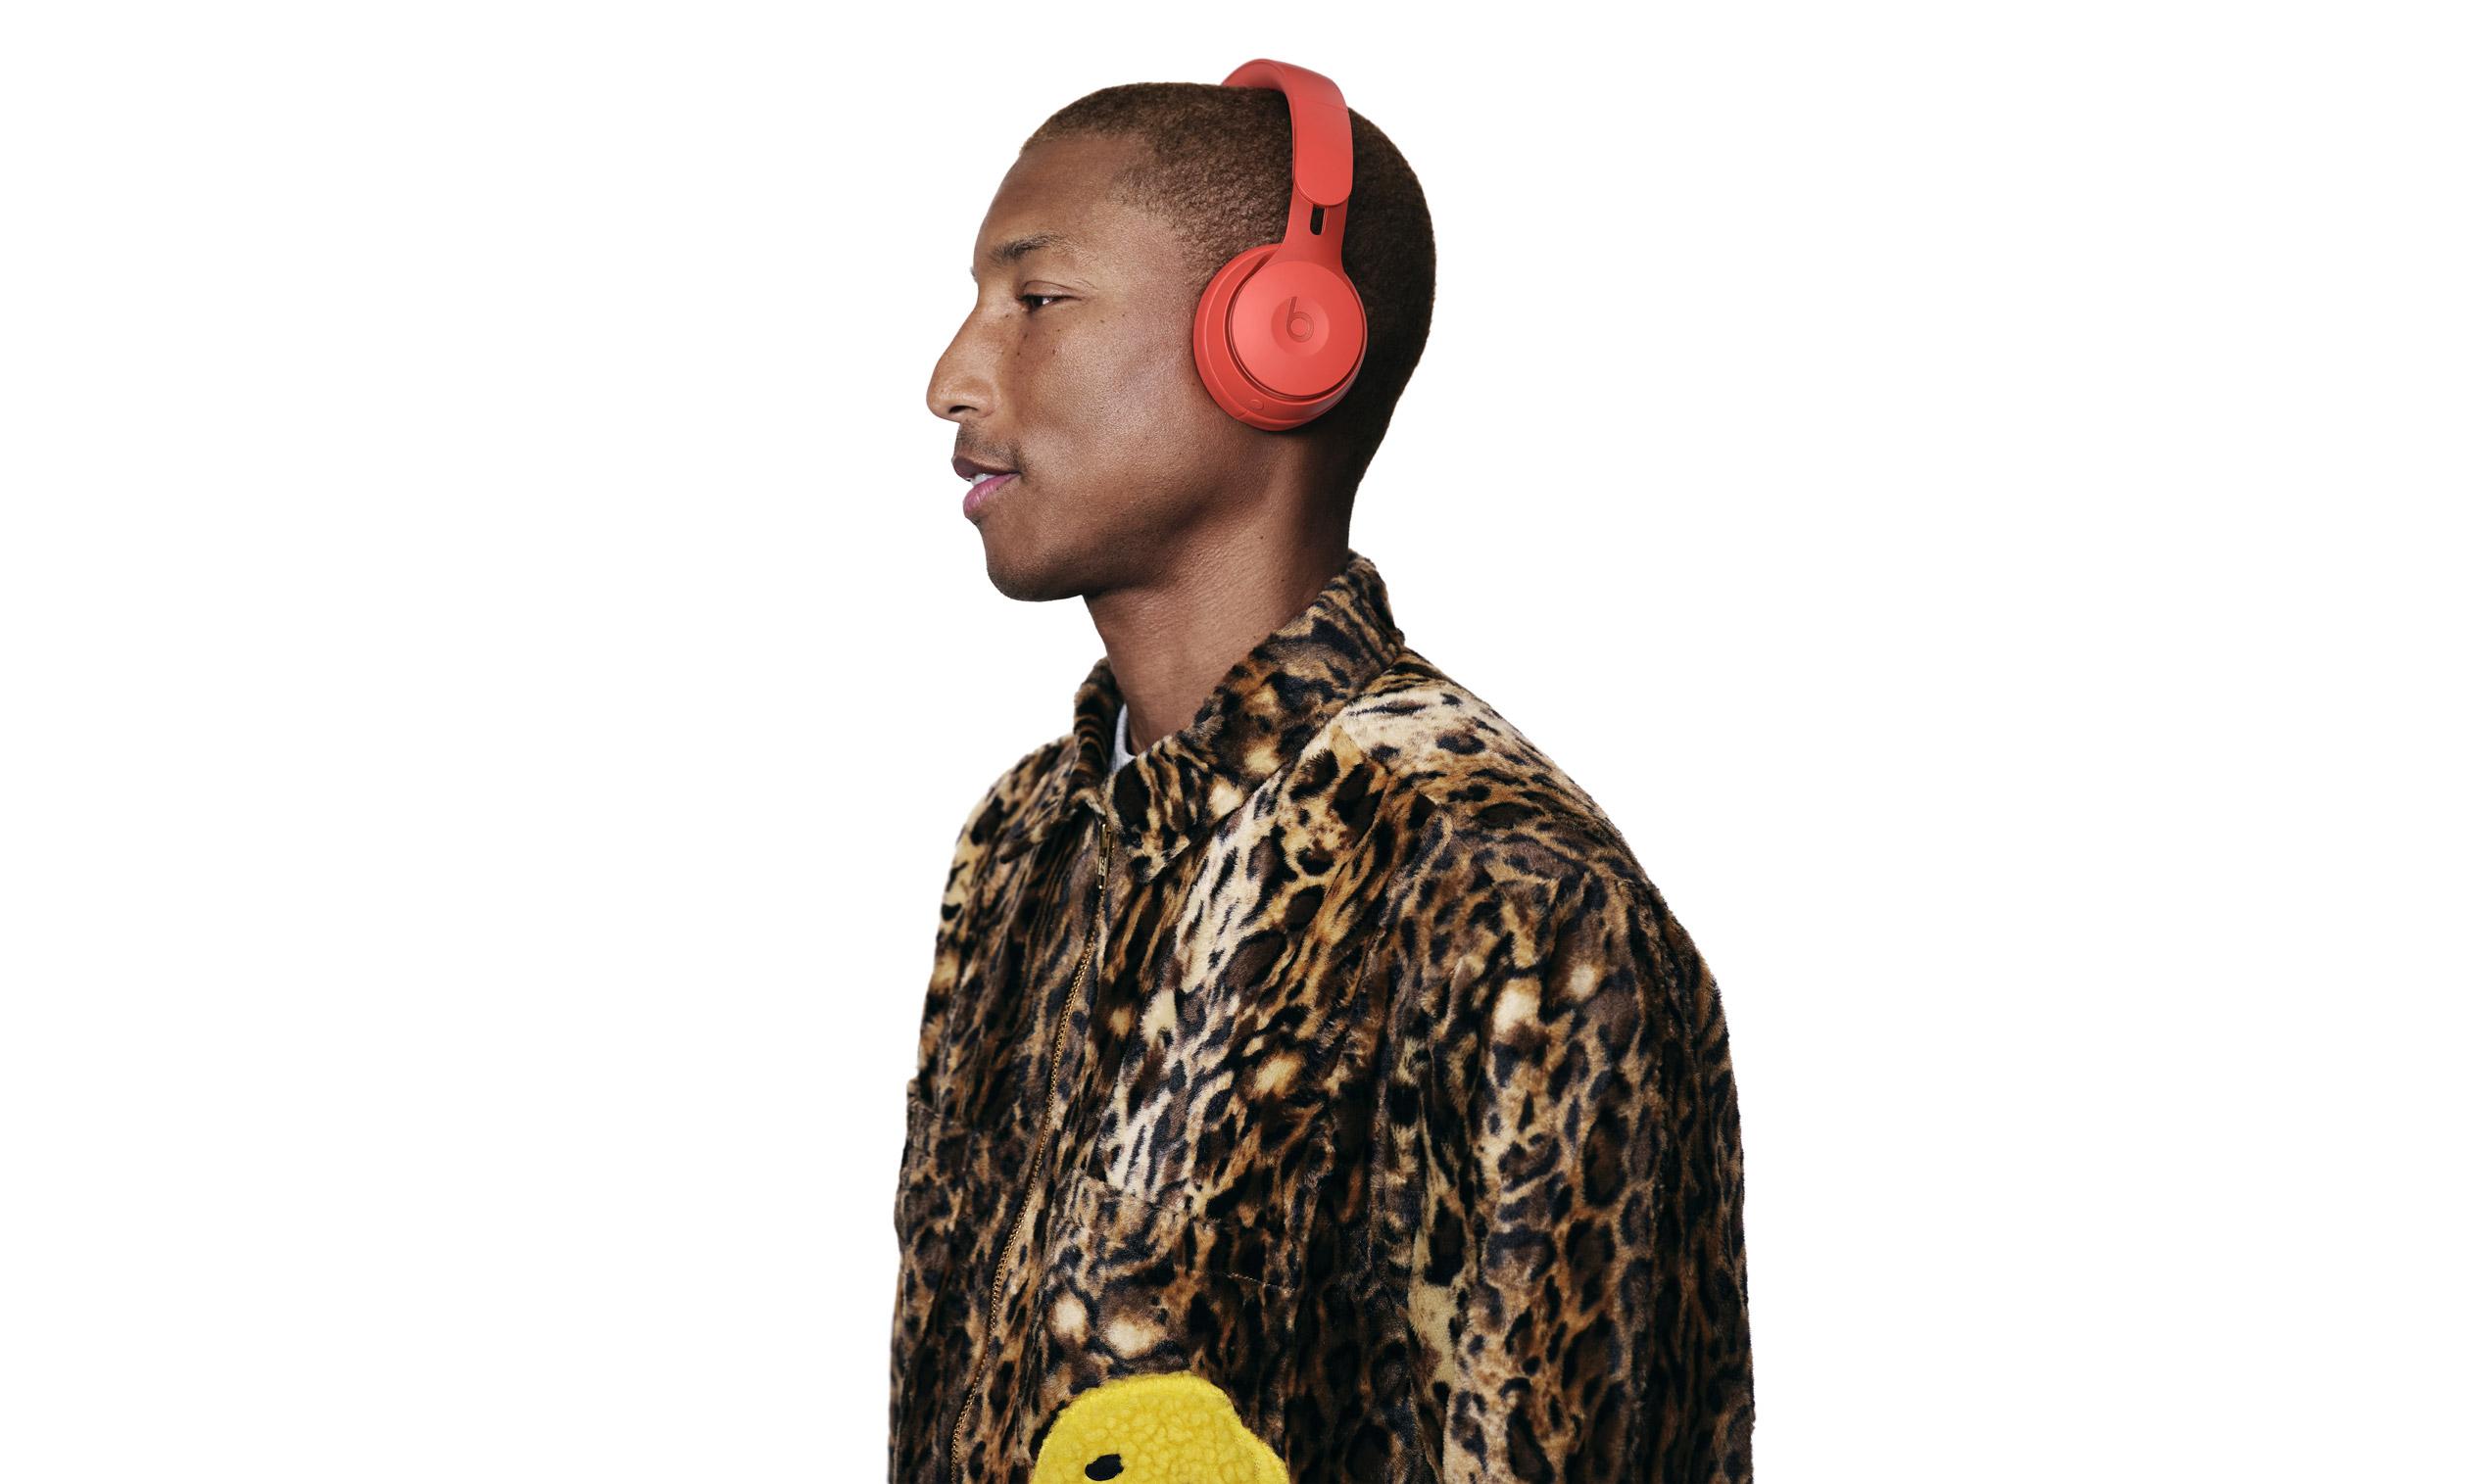 全天候音频体验,Beats 首款贴耳式无线降噪耳机 Solo Pro 发布